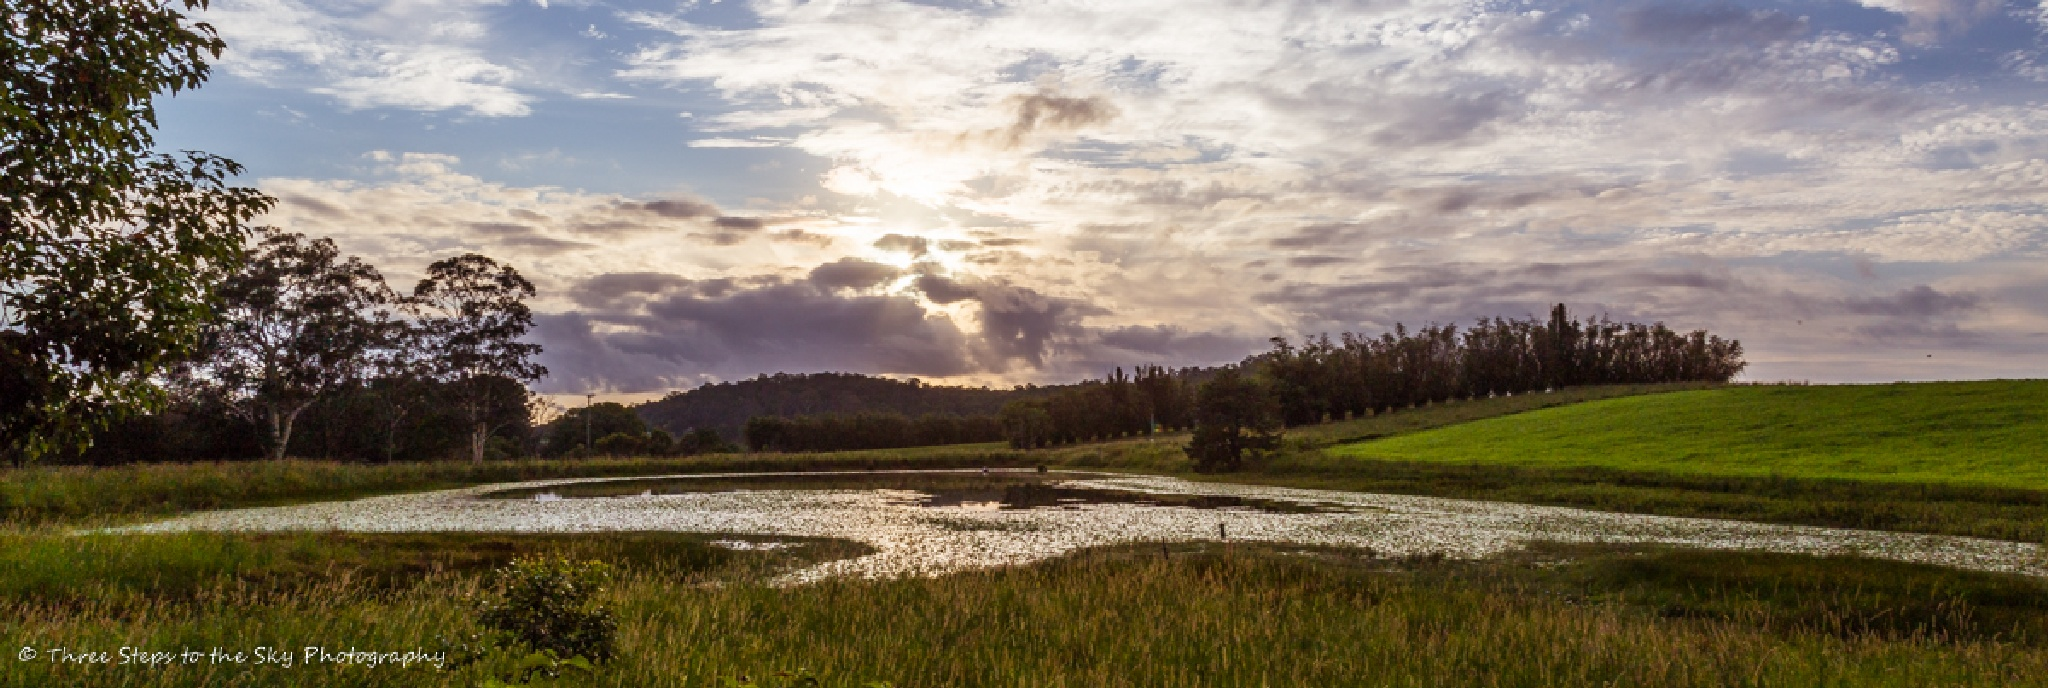 Early Cloud by Sel Kerans